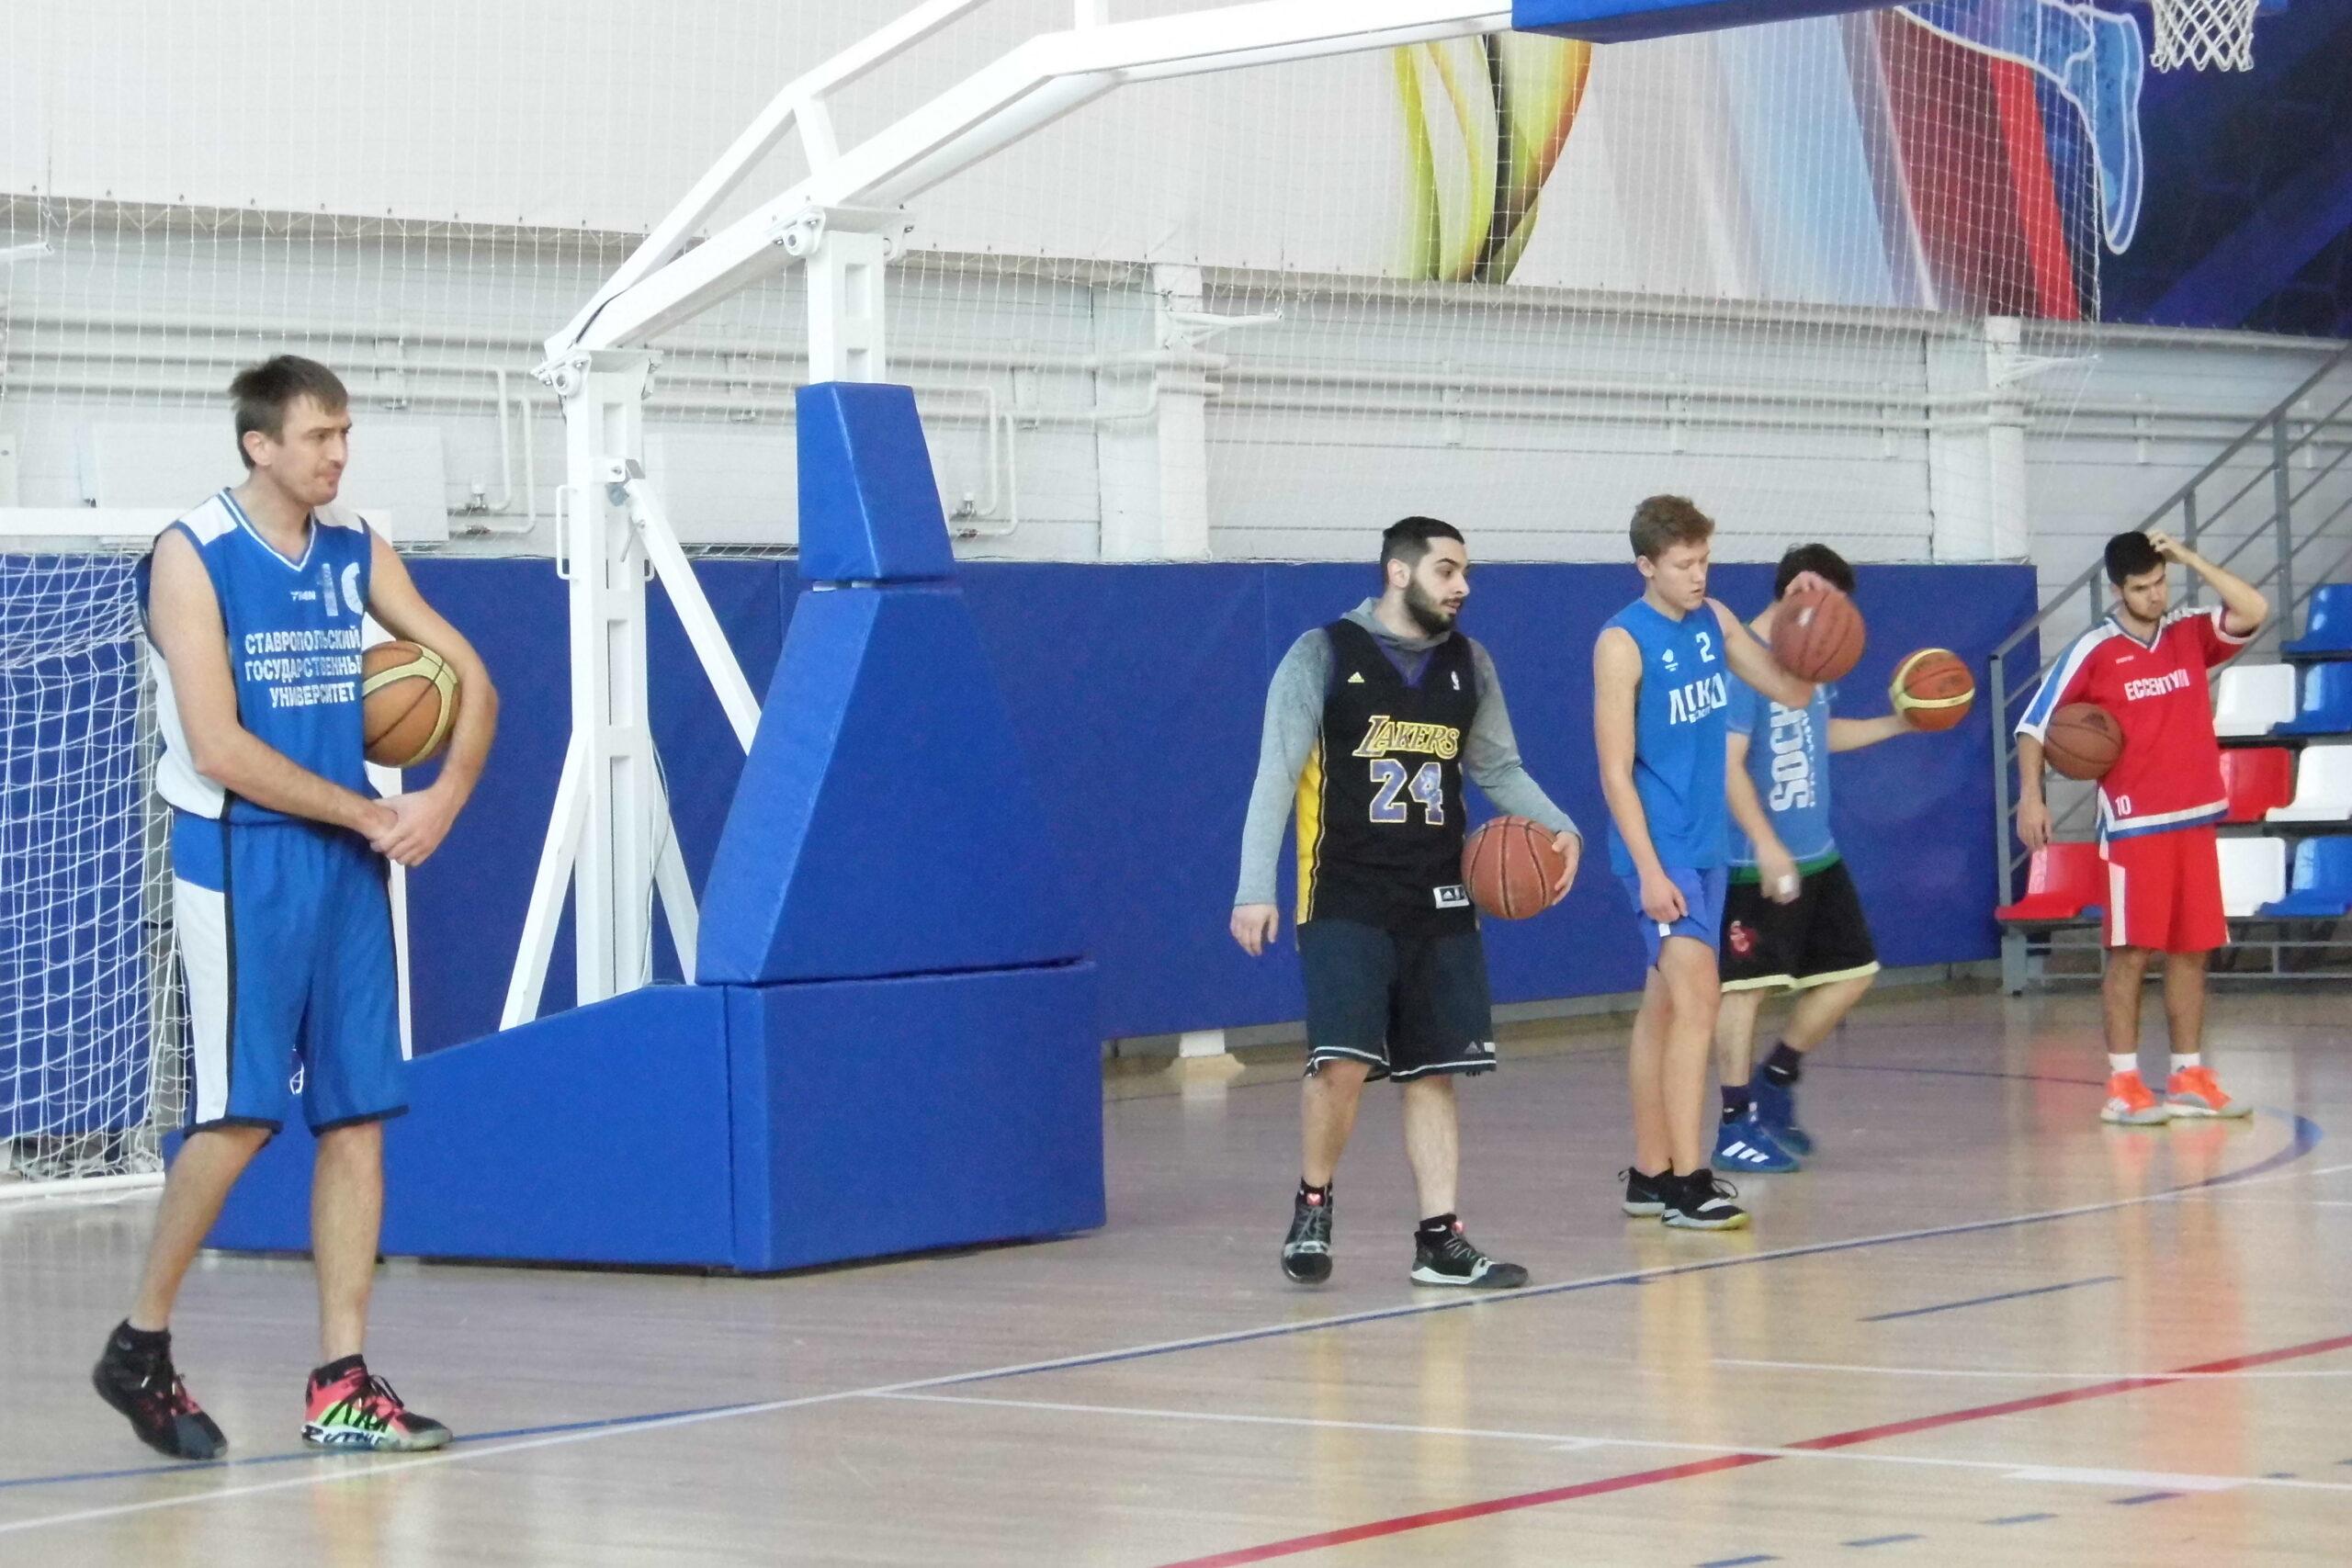 Восемь баскетбольных команд примут участие в региональном чемпионате СКФО и ЮФО